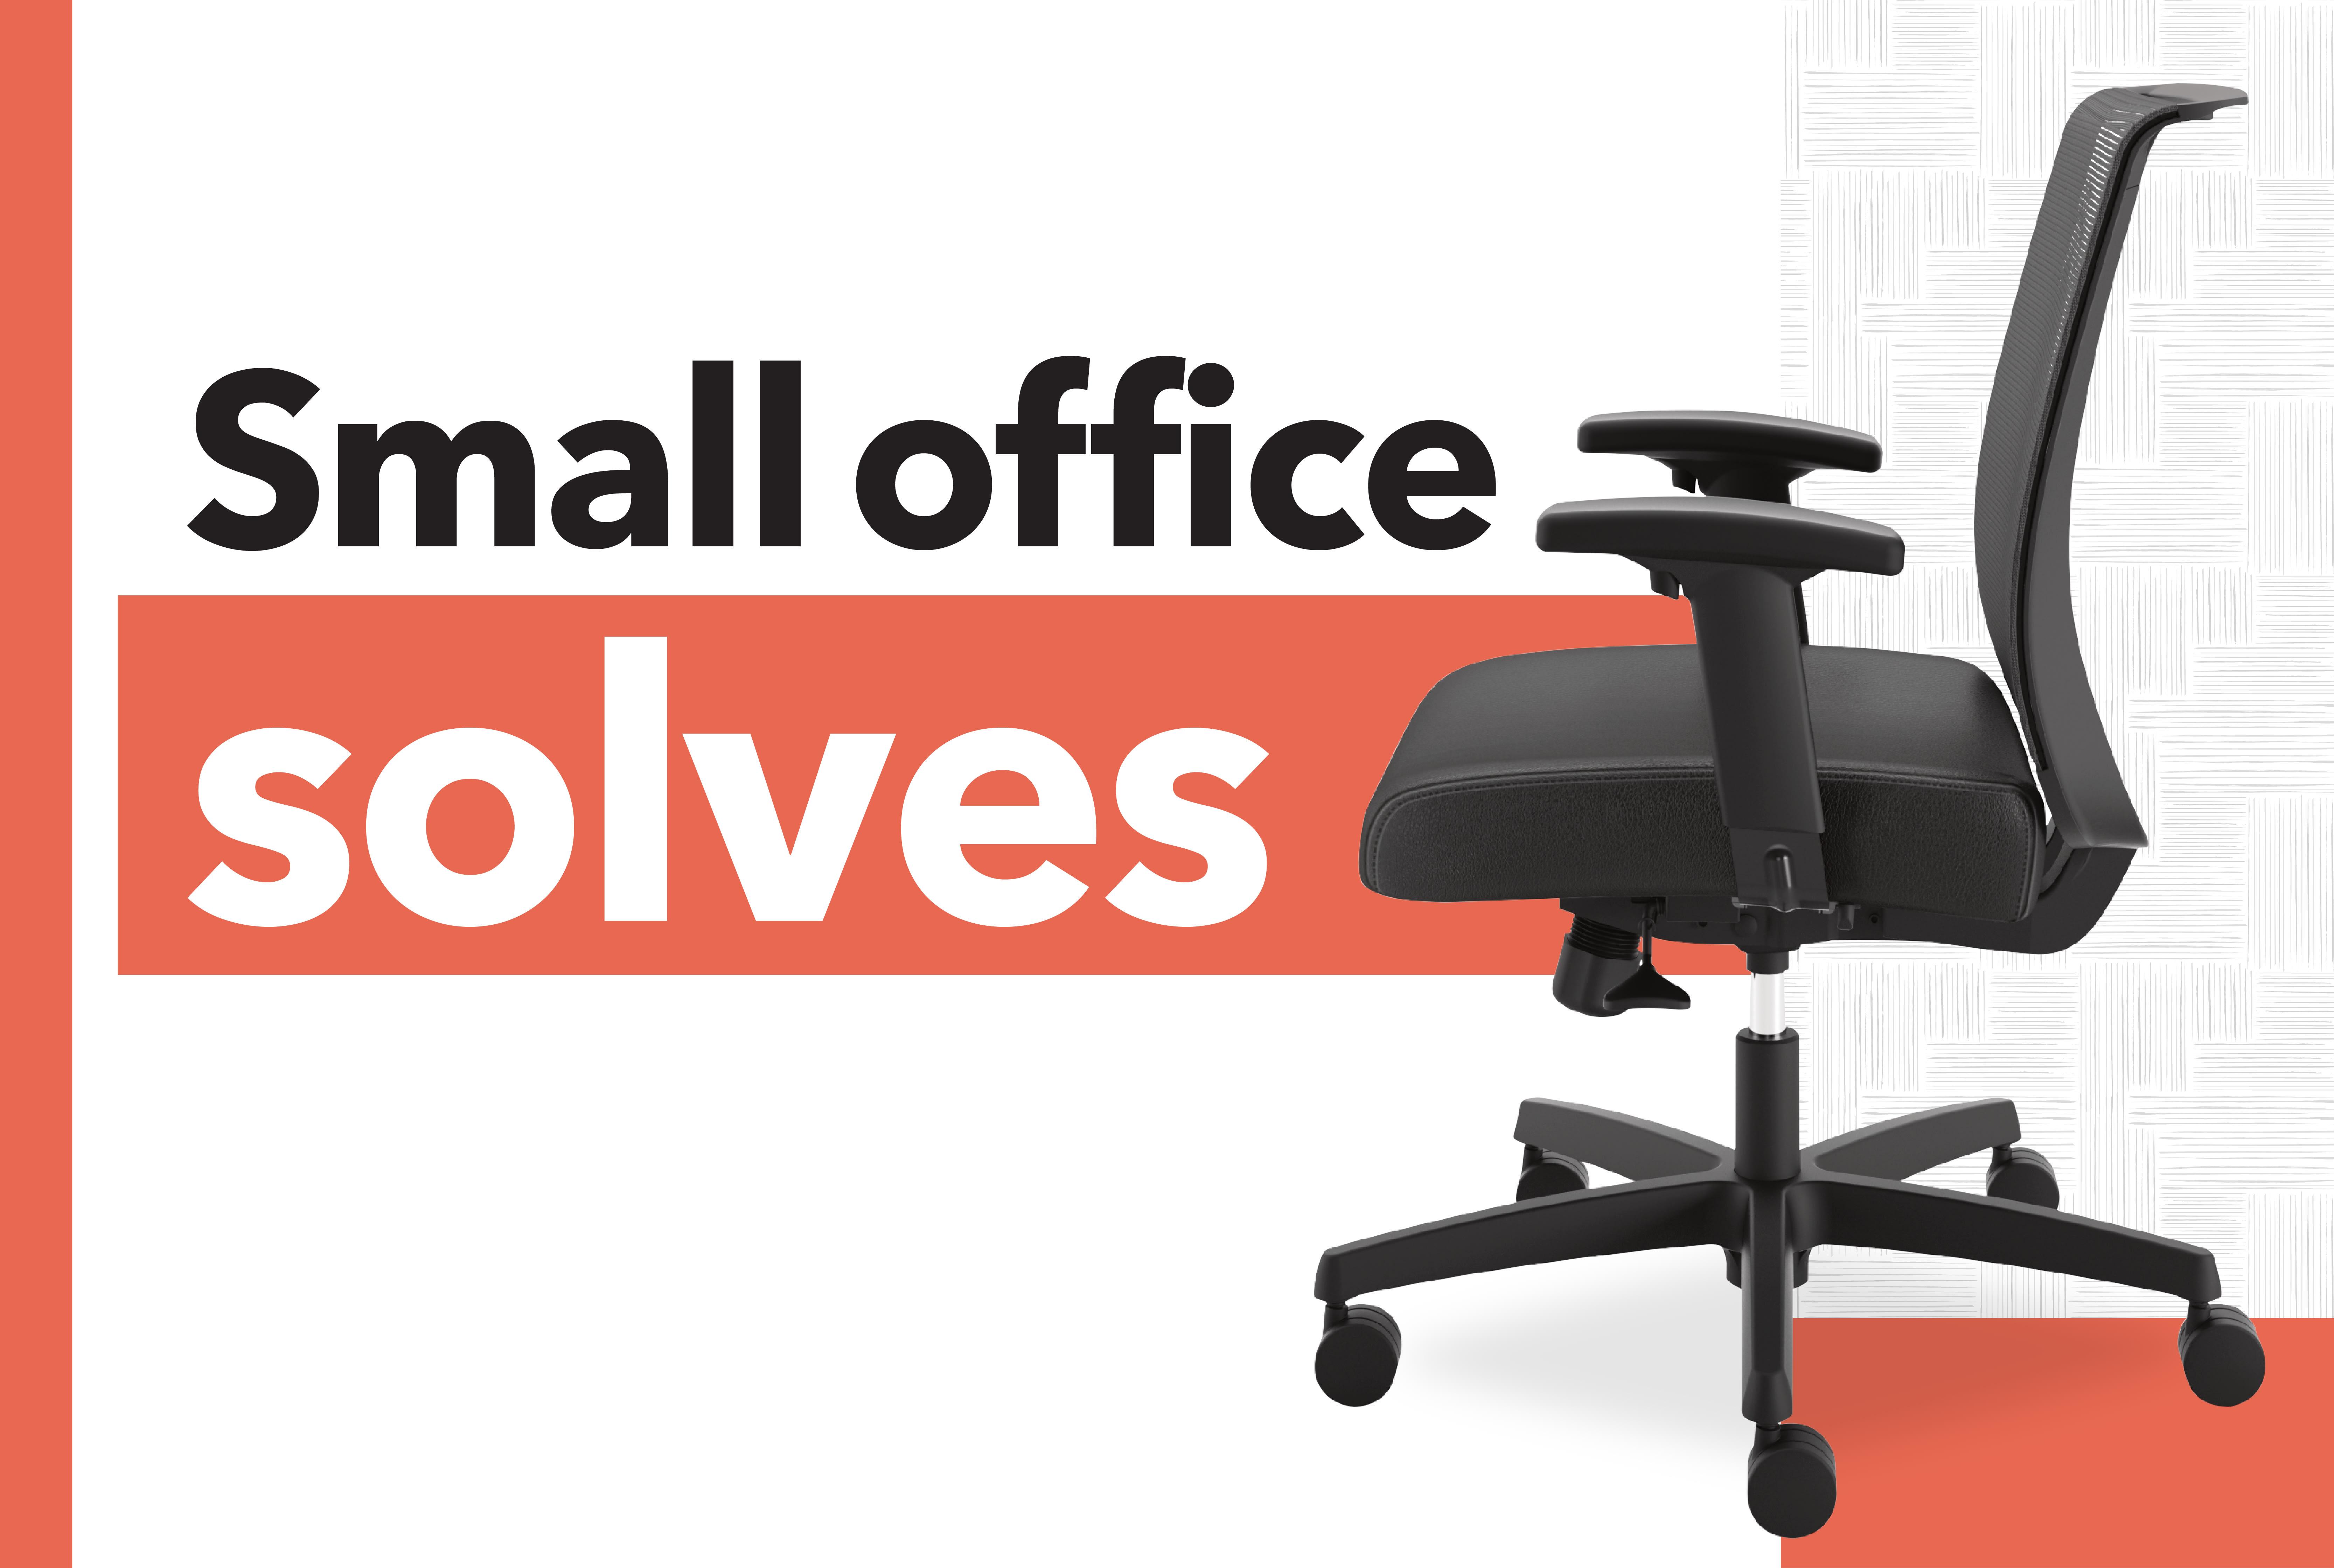 HON-Blog-Small-office-solves-hero